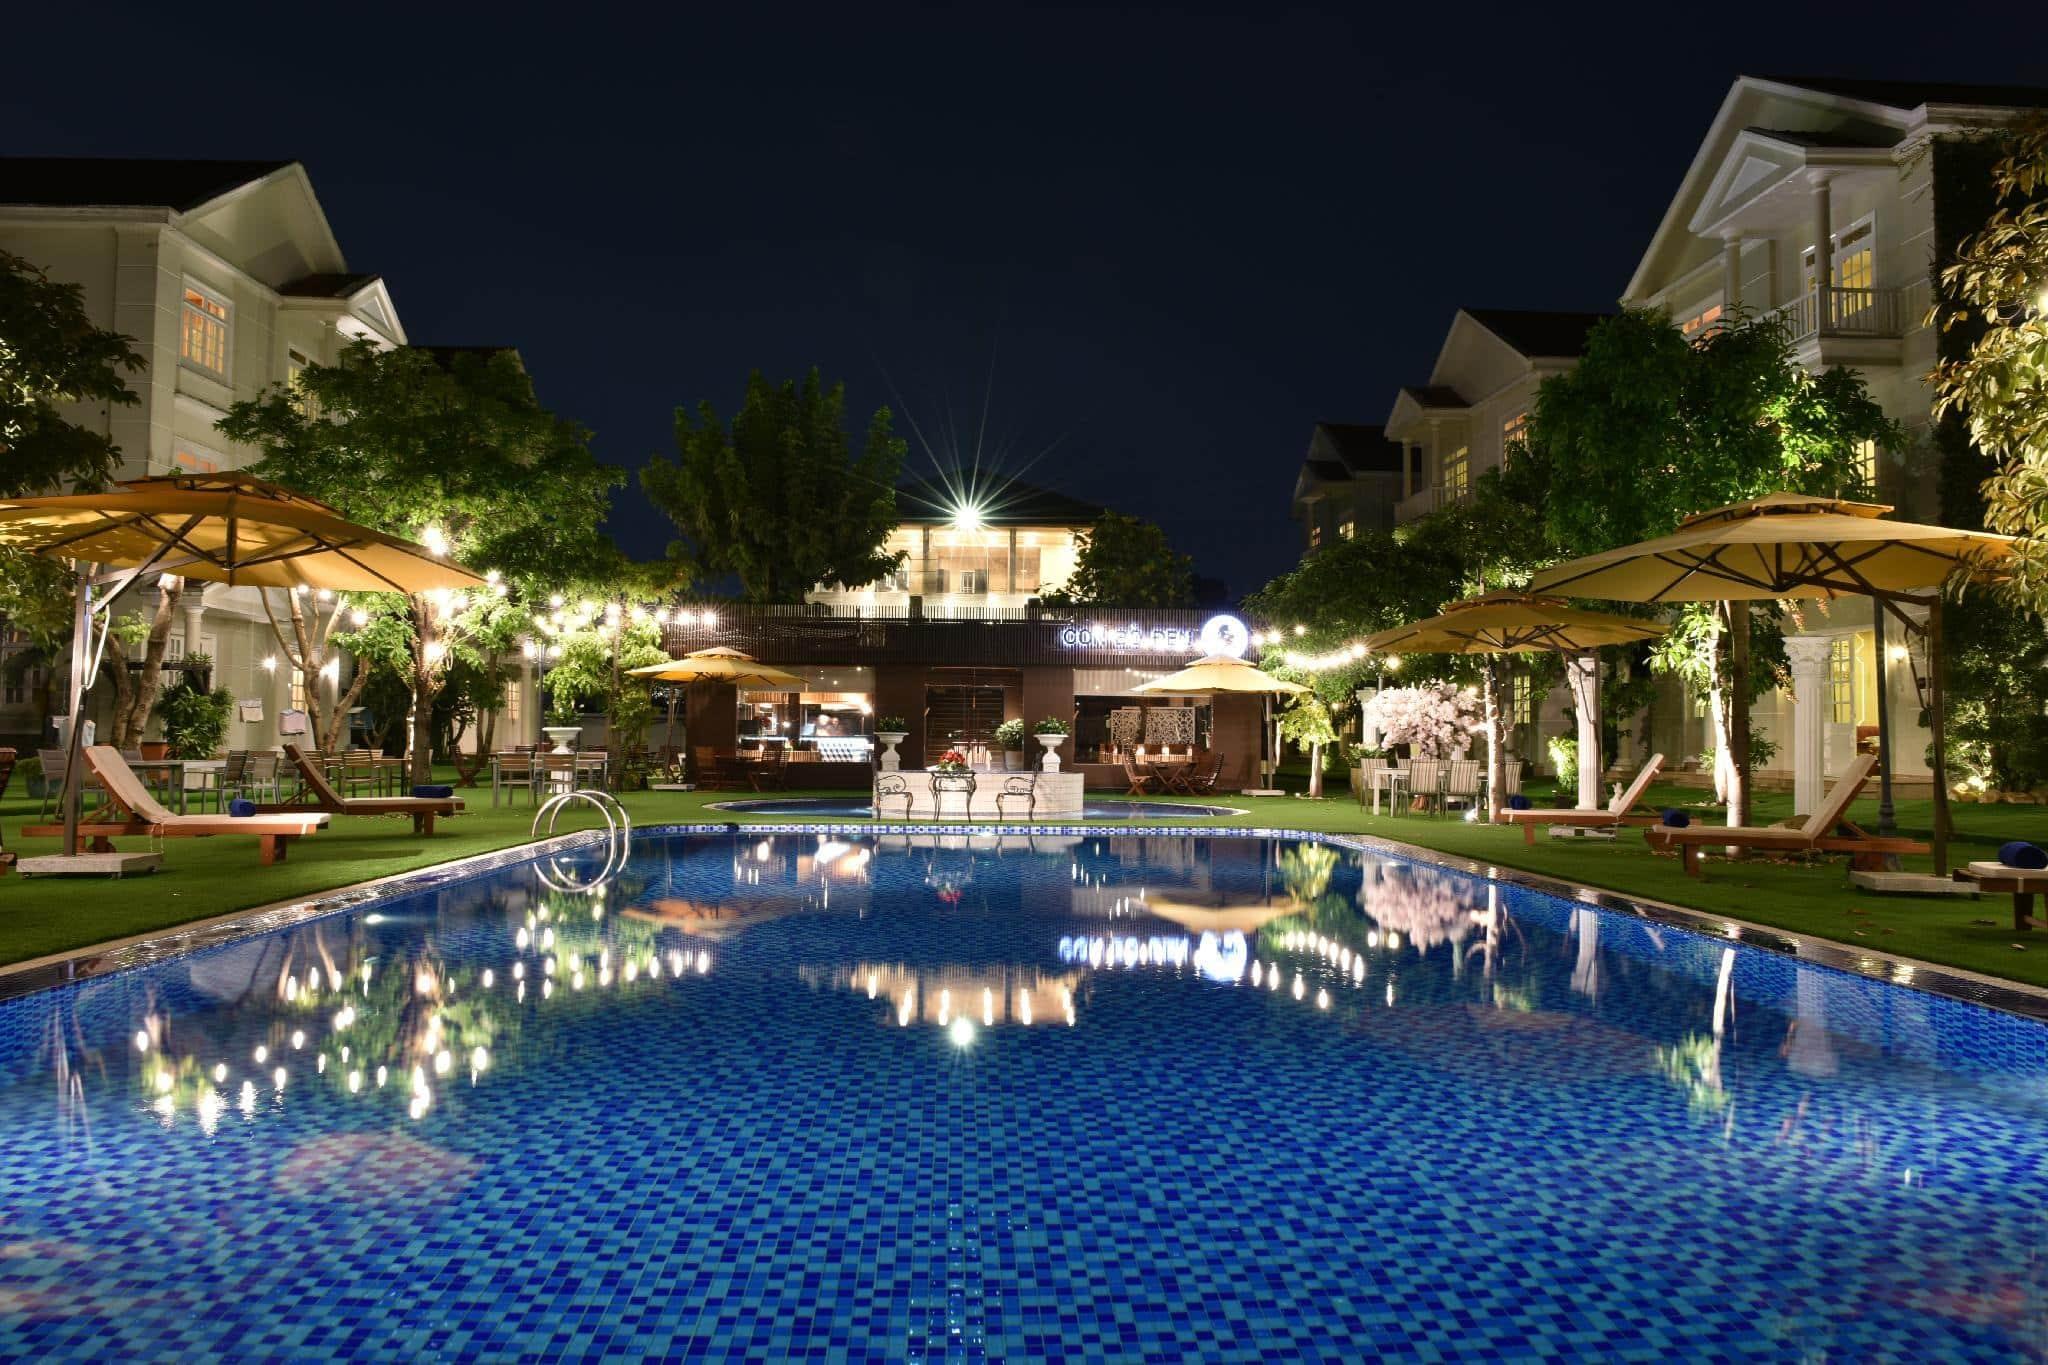 ResorHòa Bình Rạch Giá resort giá rẻ